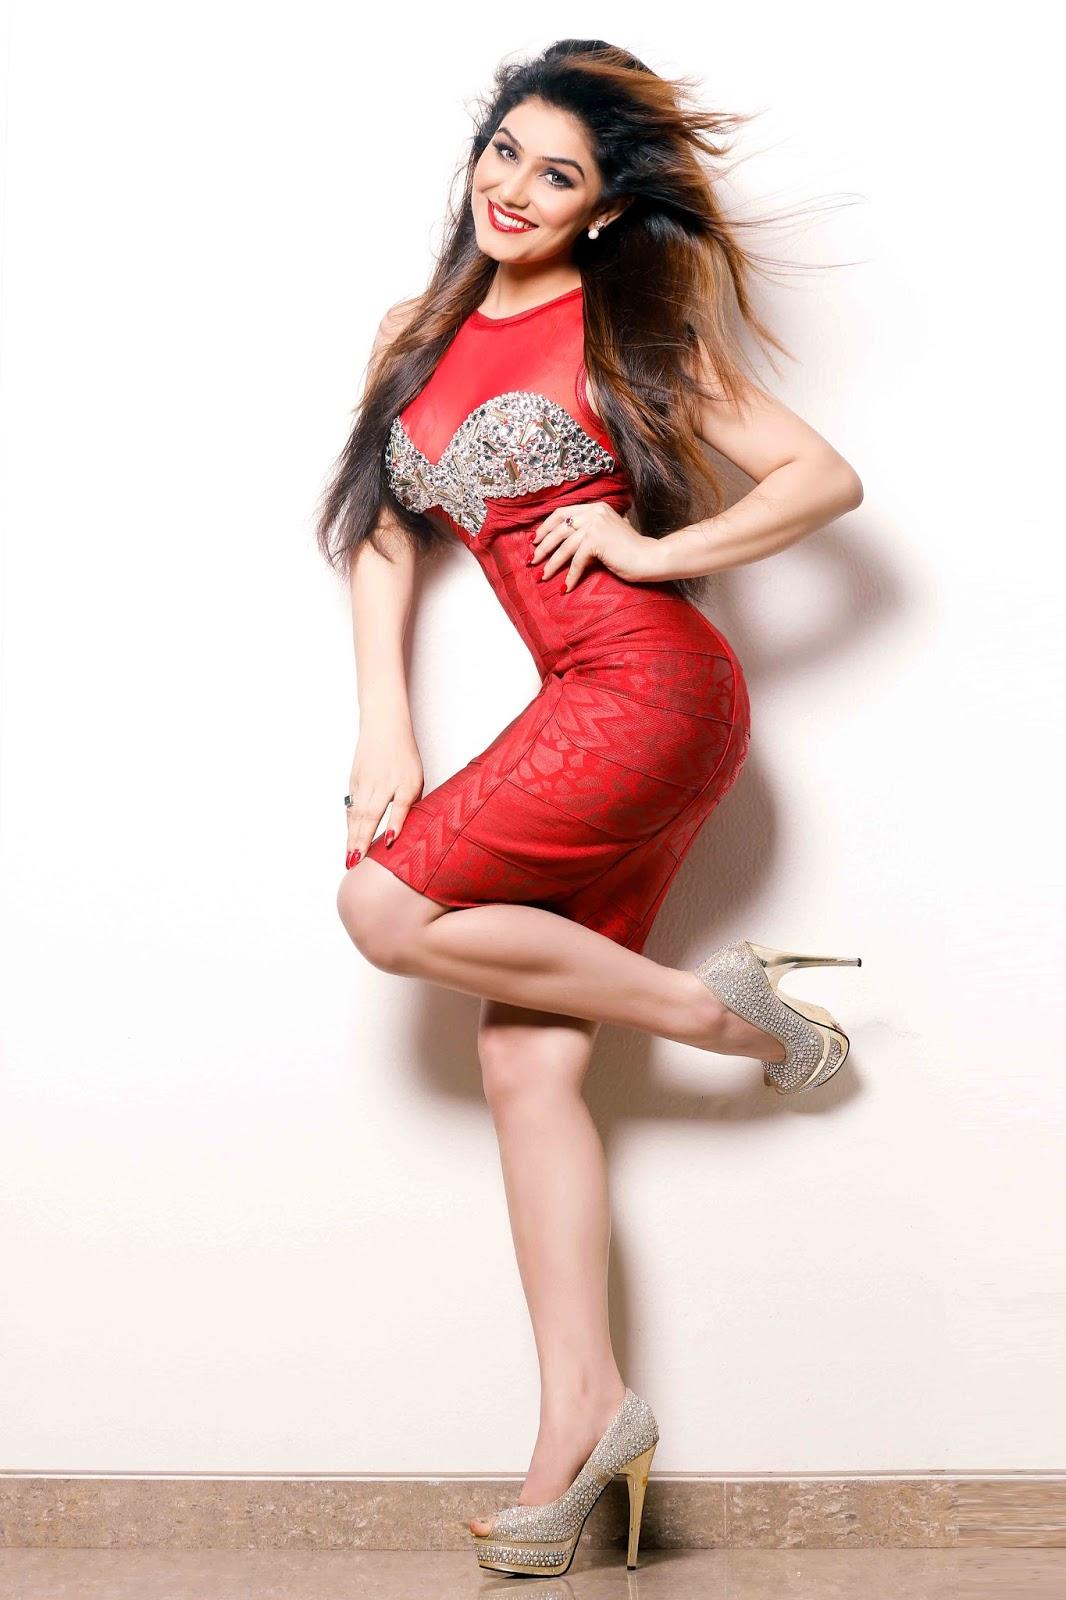 Kangna Sharma sexy legs, Kangna Sharma in high heels, Kangna Sharma sexy back, Kangna Sharma hot back